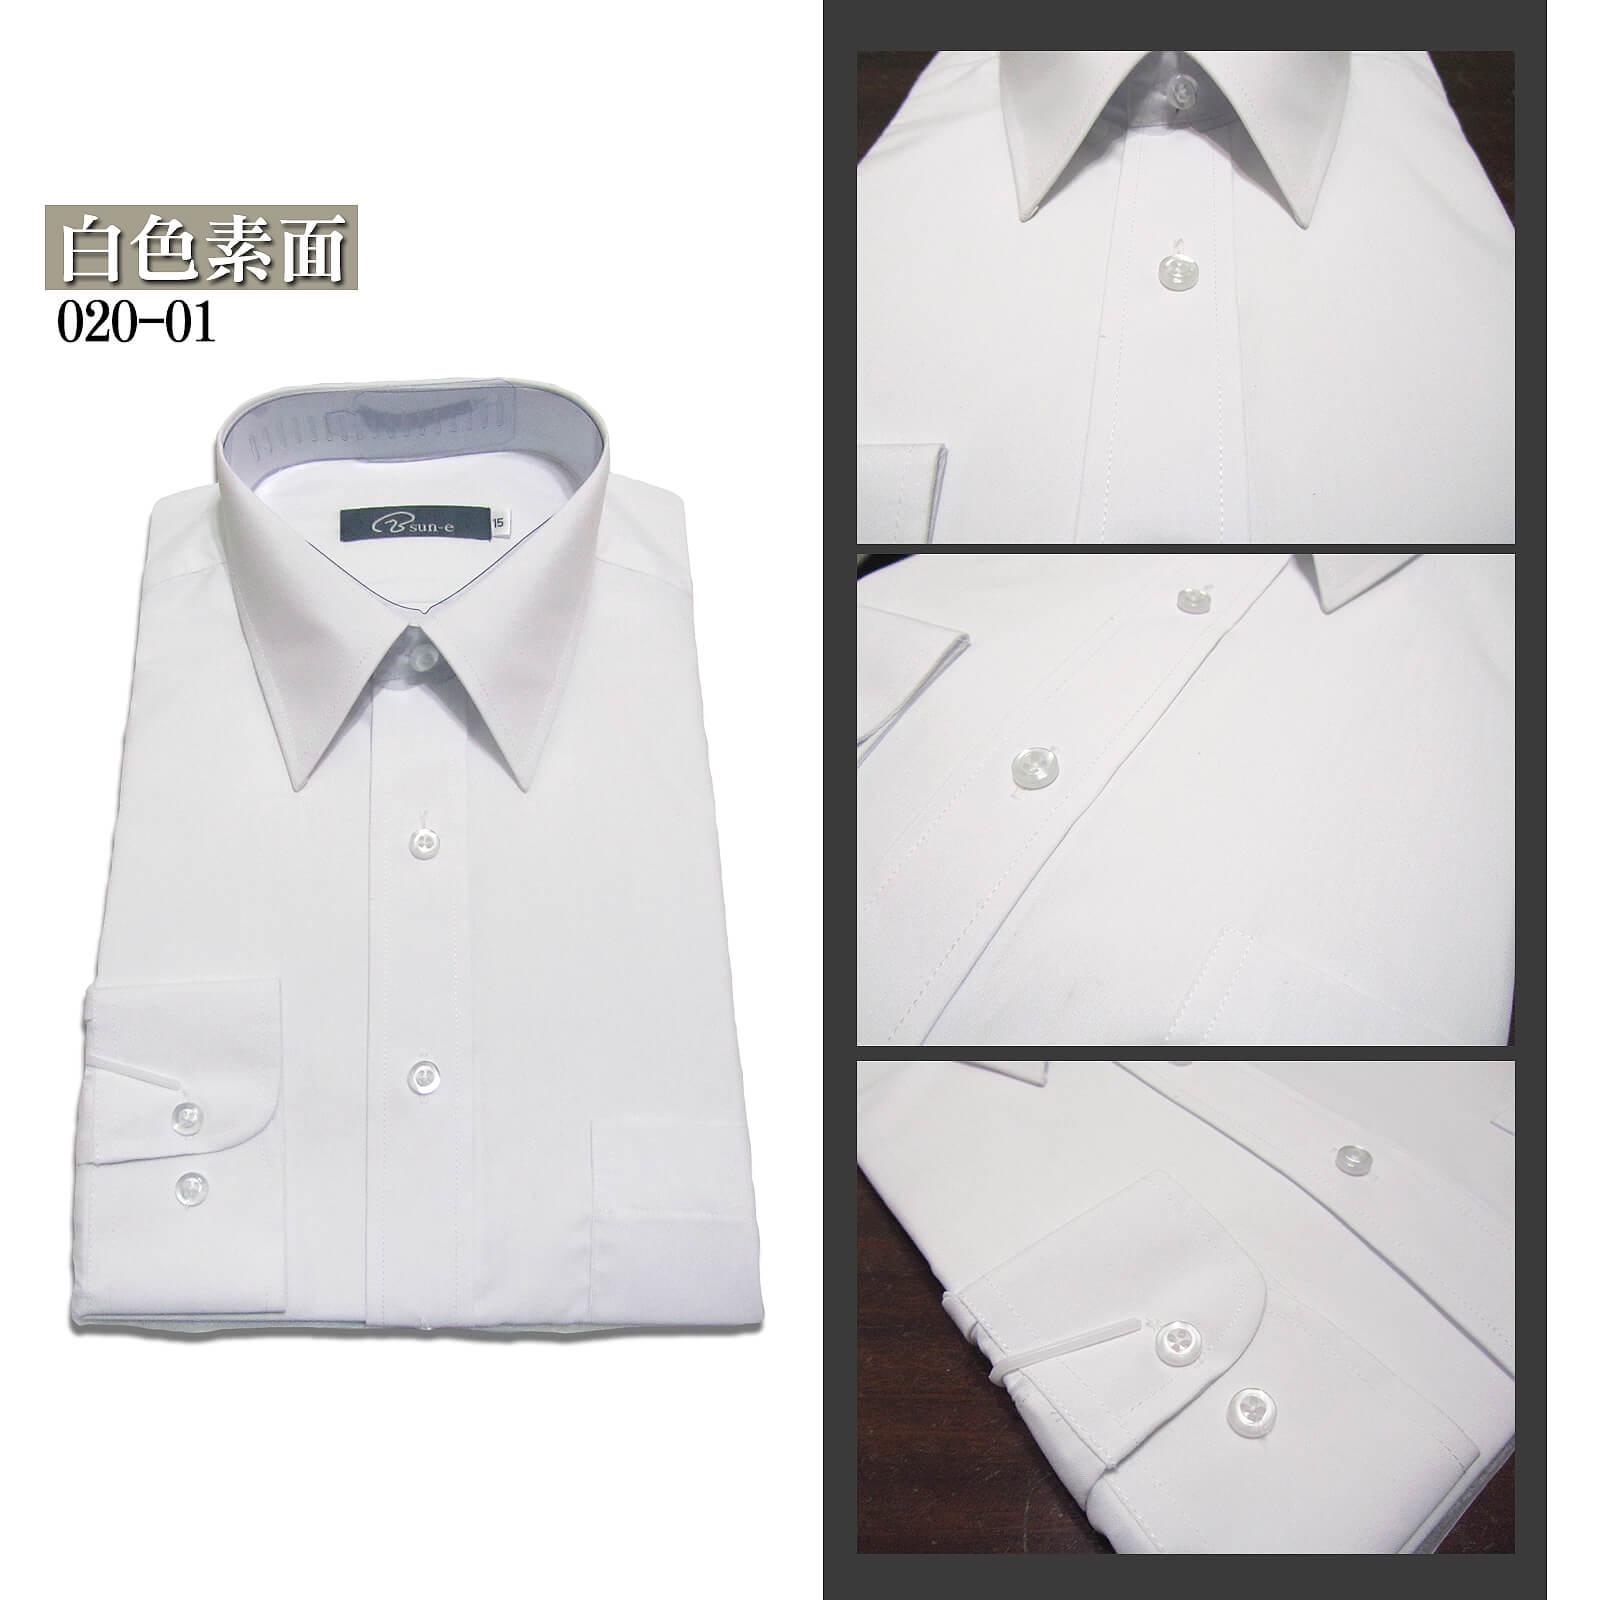 sun-e335特加大尺碼標準襯衫、上班族襯衫、商務襯衫、不皺免燙襯衫、正式場合襯衫、條紋襯衫、素面襯衫(短袖 / 長袖) 多顏色、樣式可供選擇 尺寸:19、20、21、22(英吋) 6